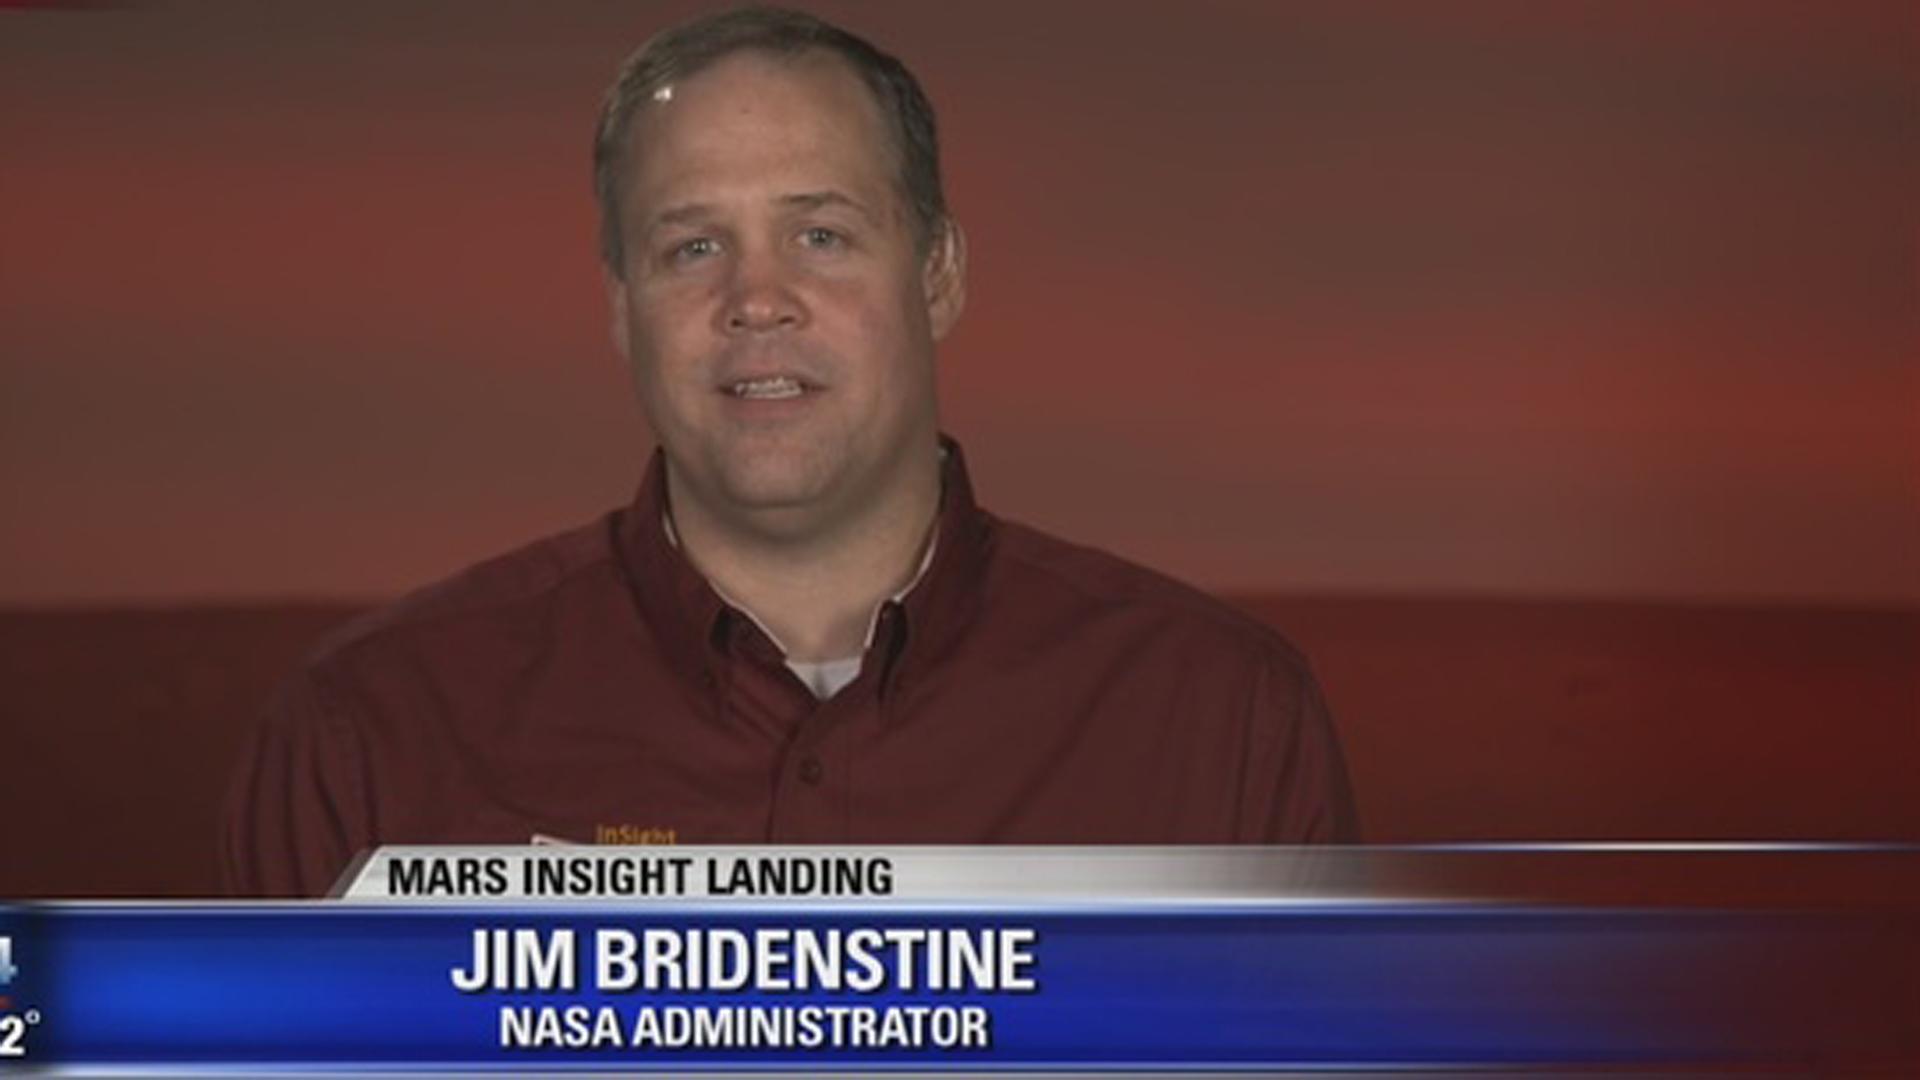 Jim Bridenstine, administrador de la NASA y optimista en el hallazgo de vida en los próximos años